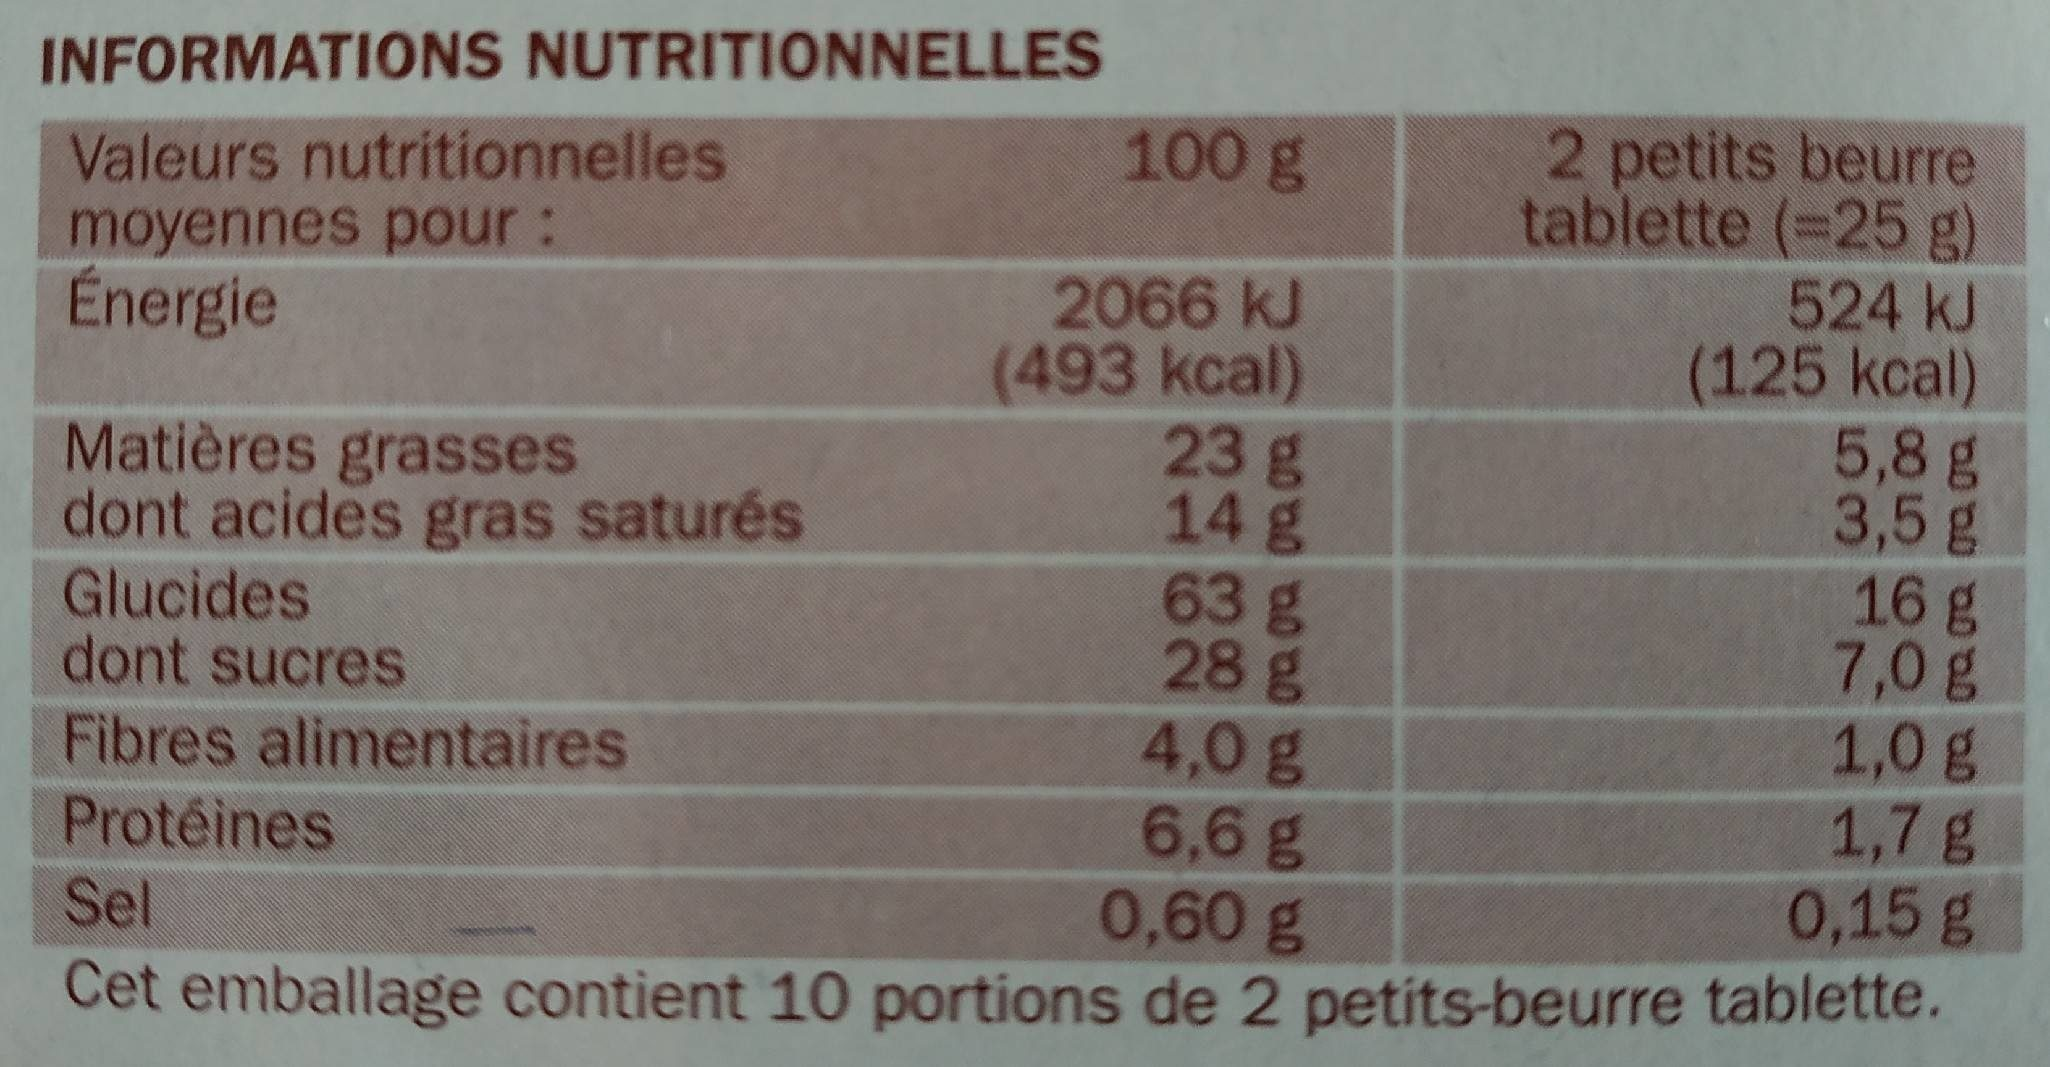 P'tit beurre tablette chocolat noir en sachets fraîcheur - Informations nutritionnelles